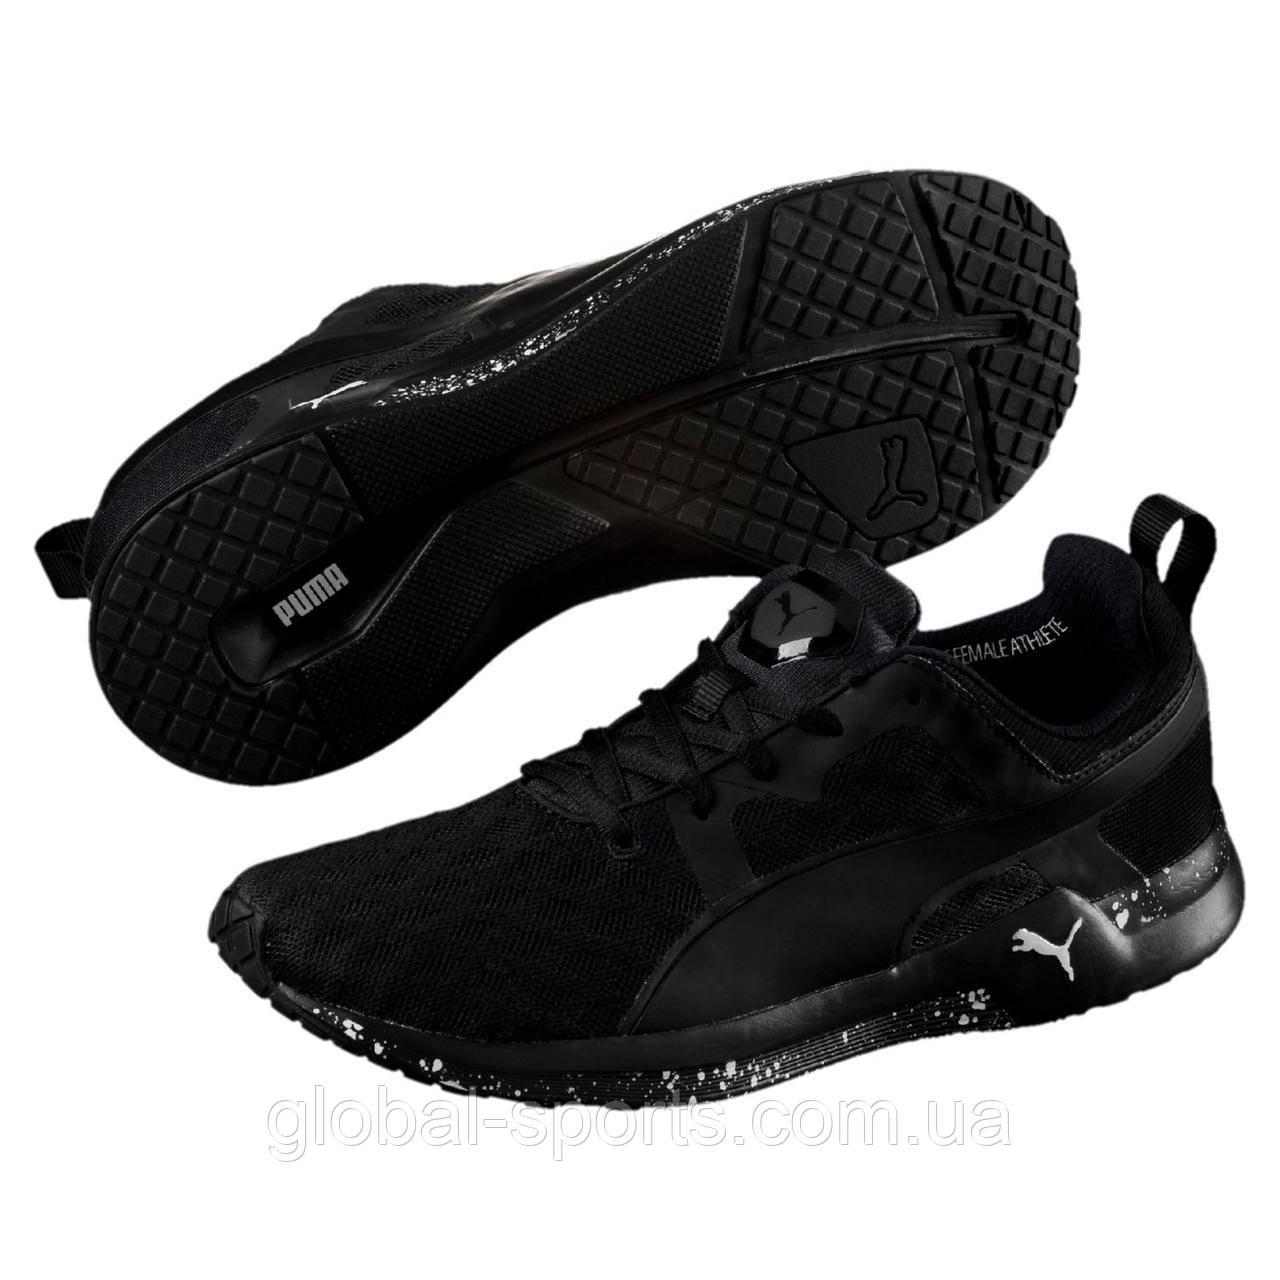 Жіночі кросівки Puma Pulse XT v2 FT(Артикул:18897201)